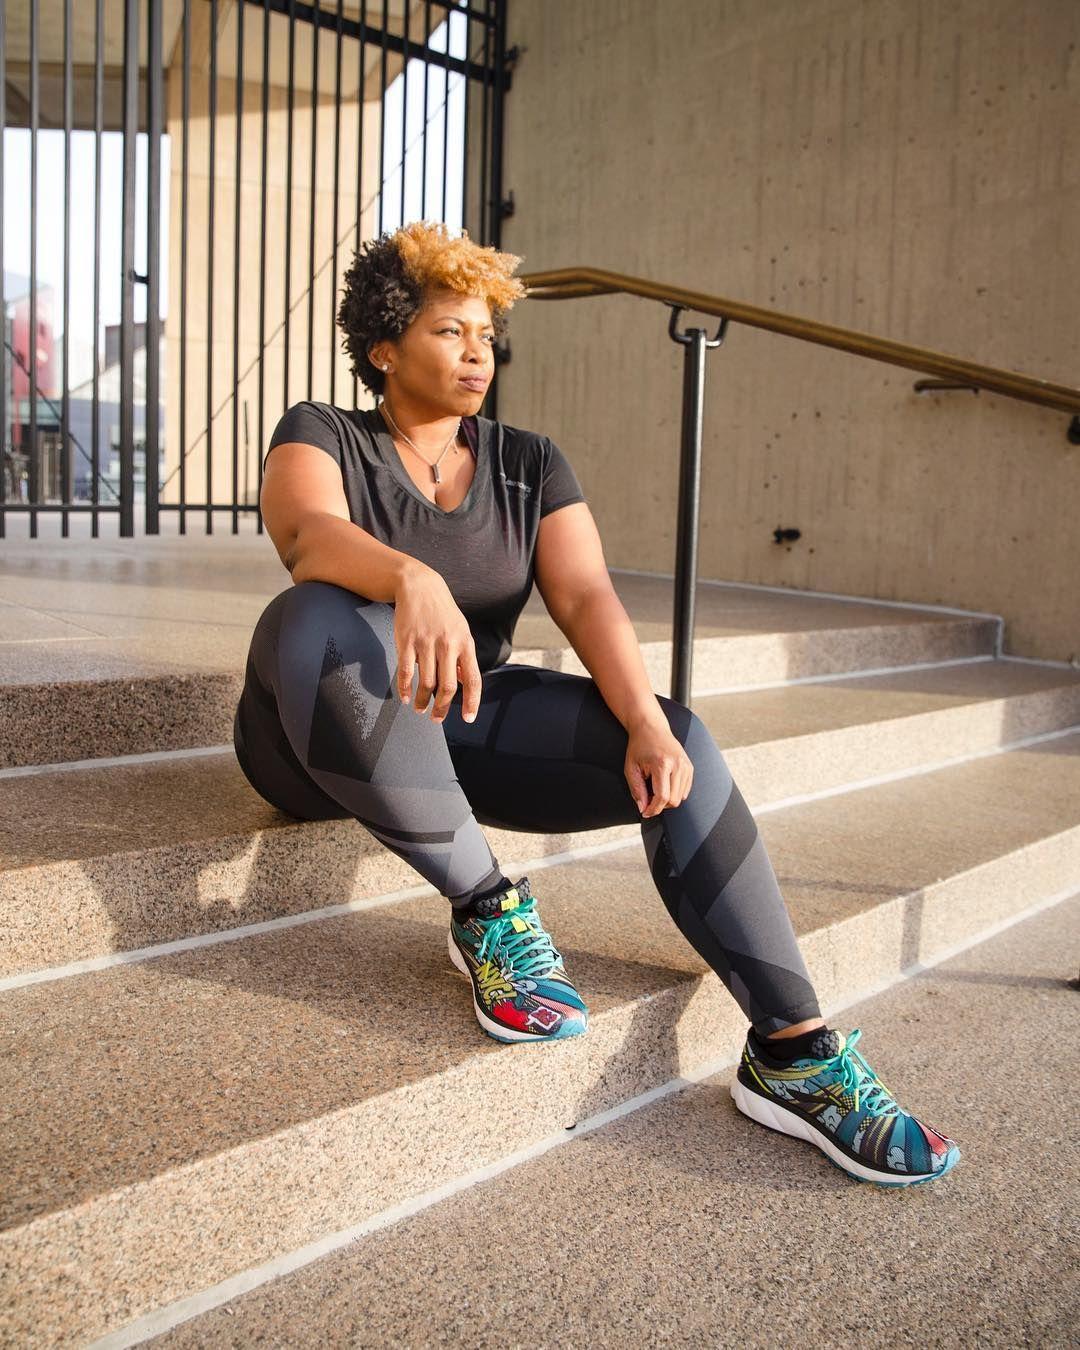 Meet the 2019 Women's Health Action Heroes